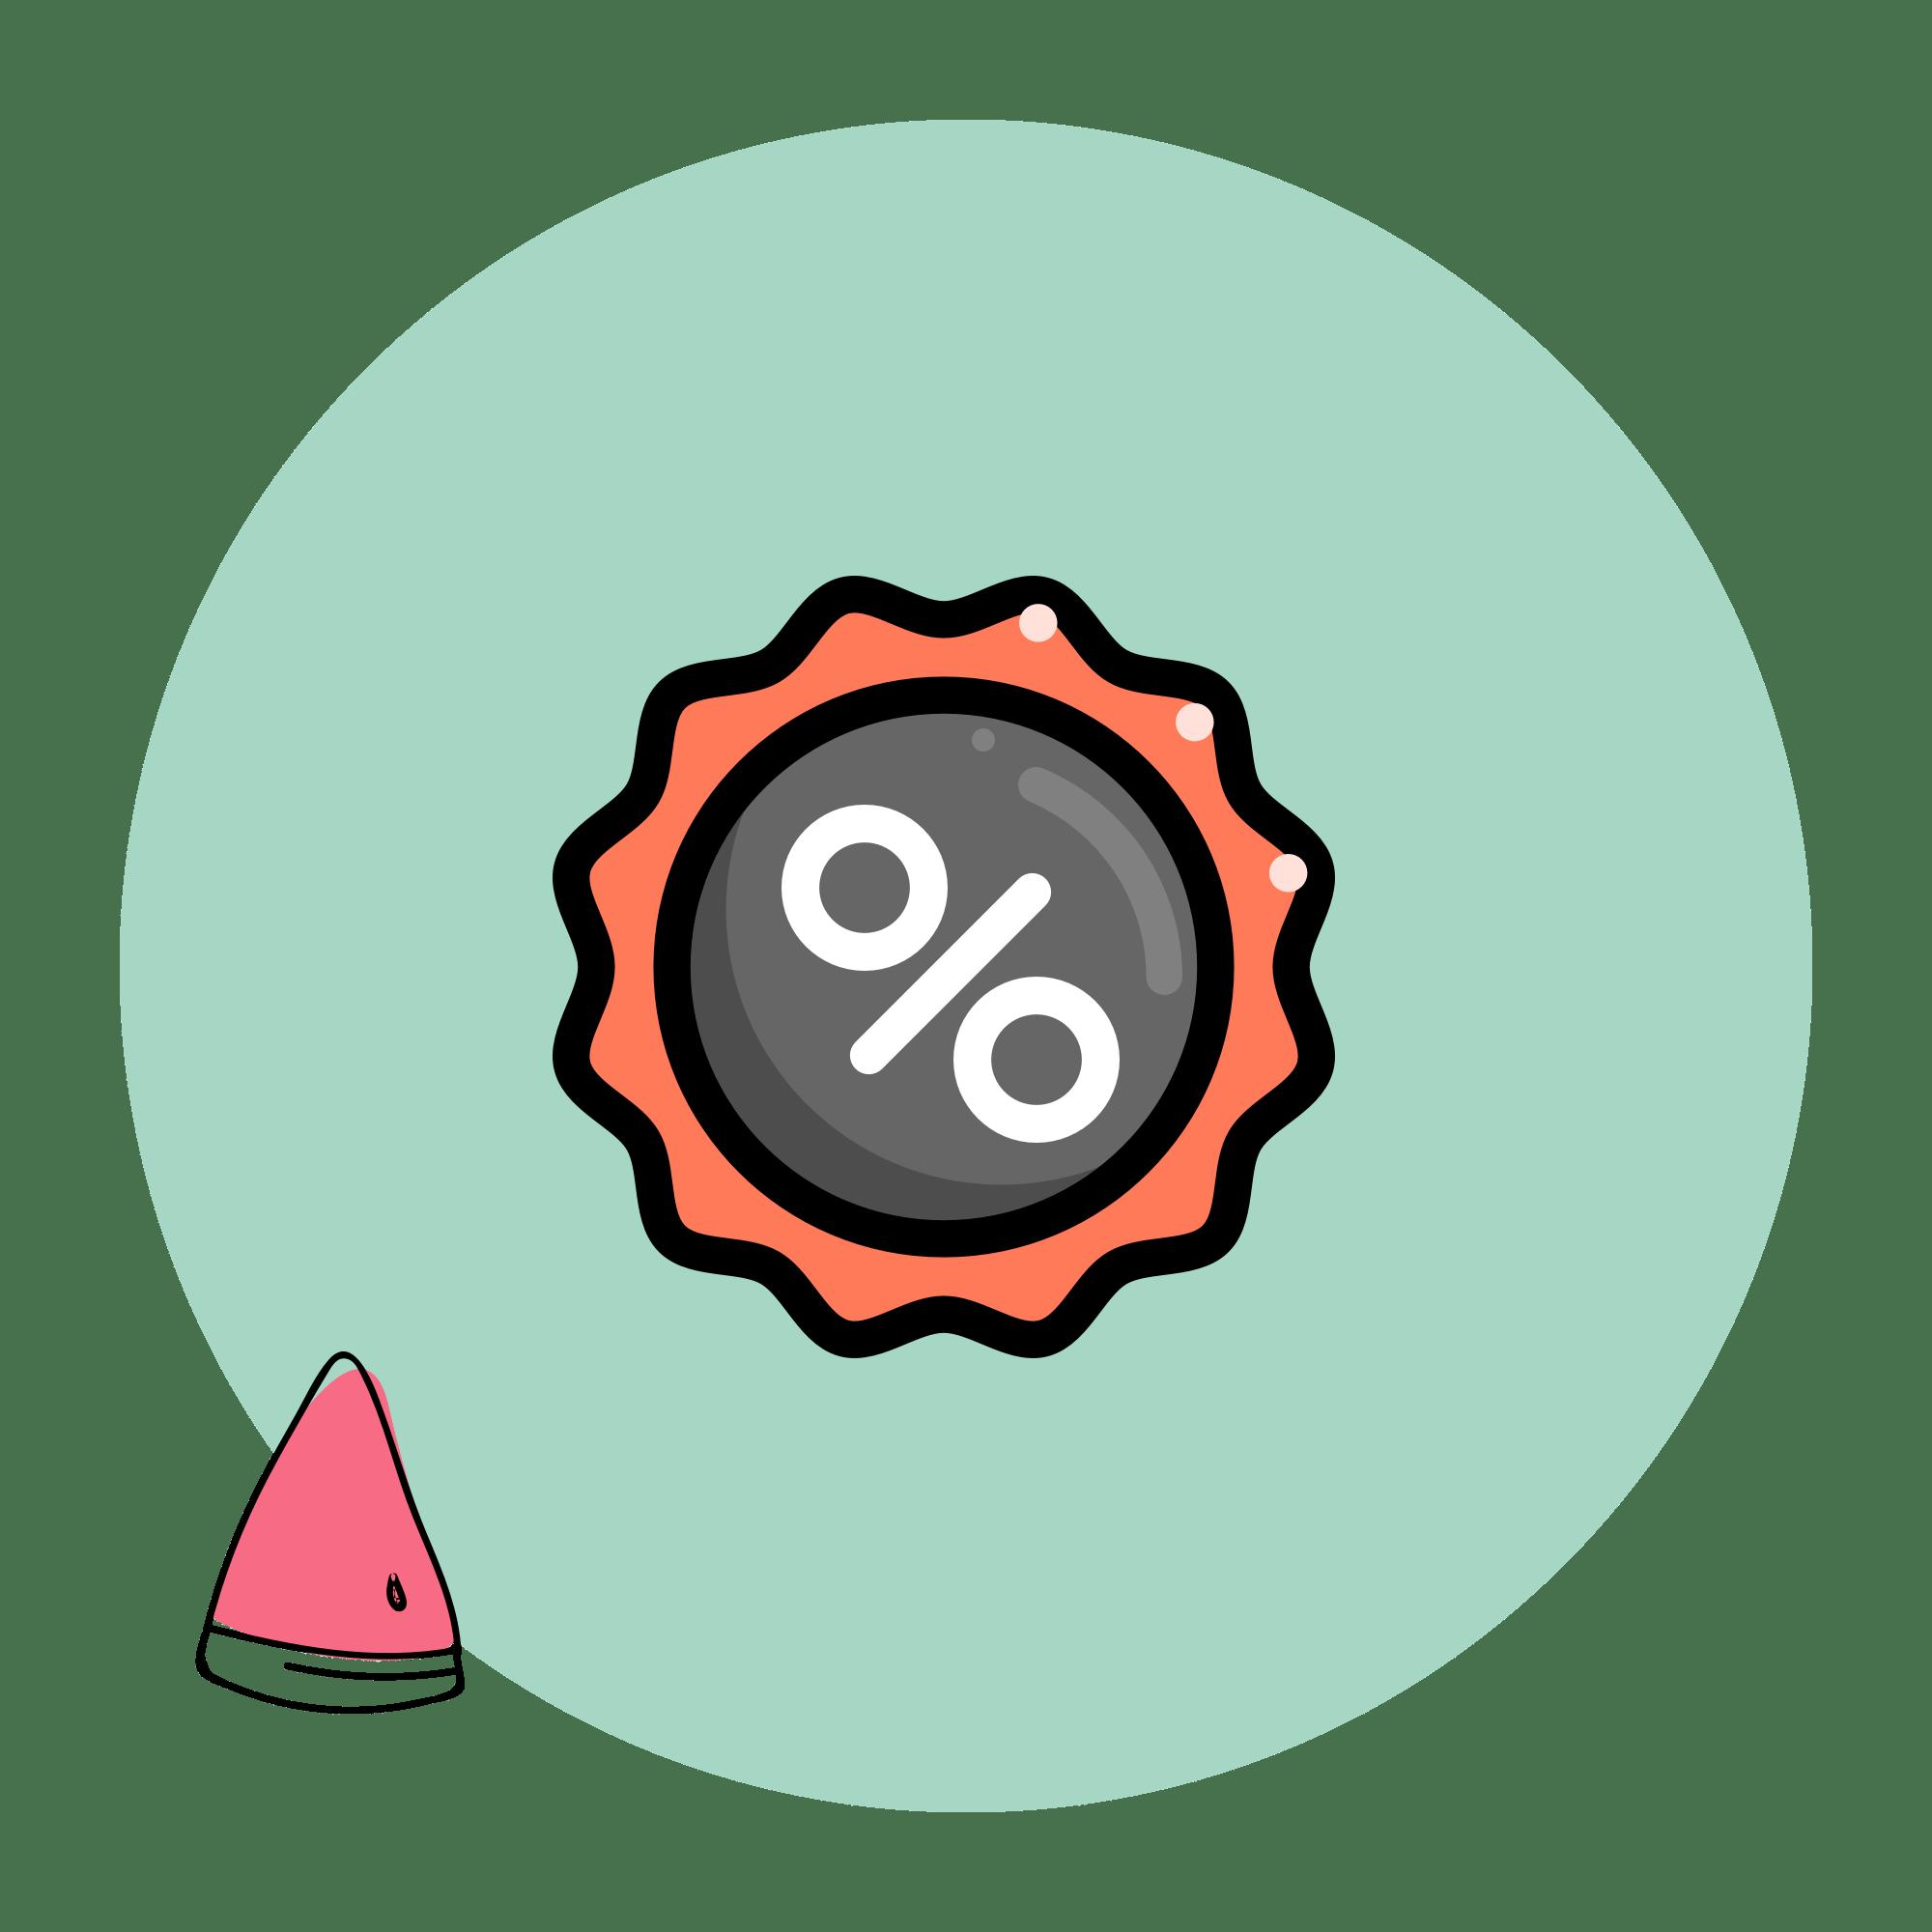 grau rotes Siegel mit Prozentzeichen als Rabatt auf hellgrünem Hintergrund mit Melone